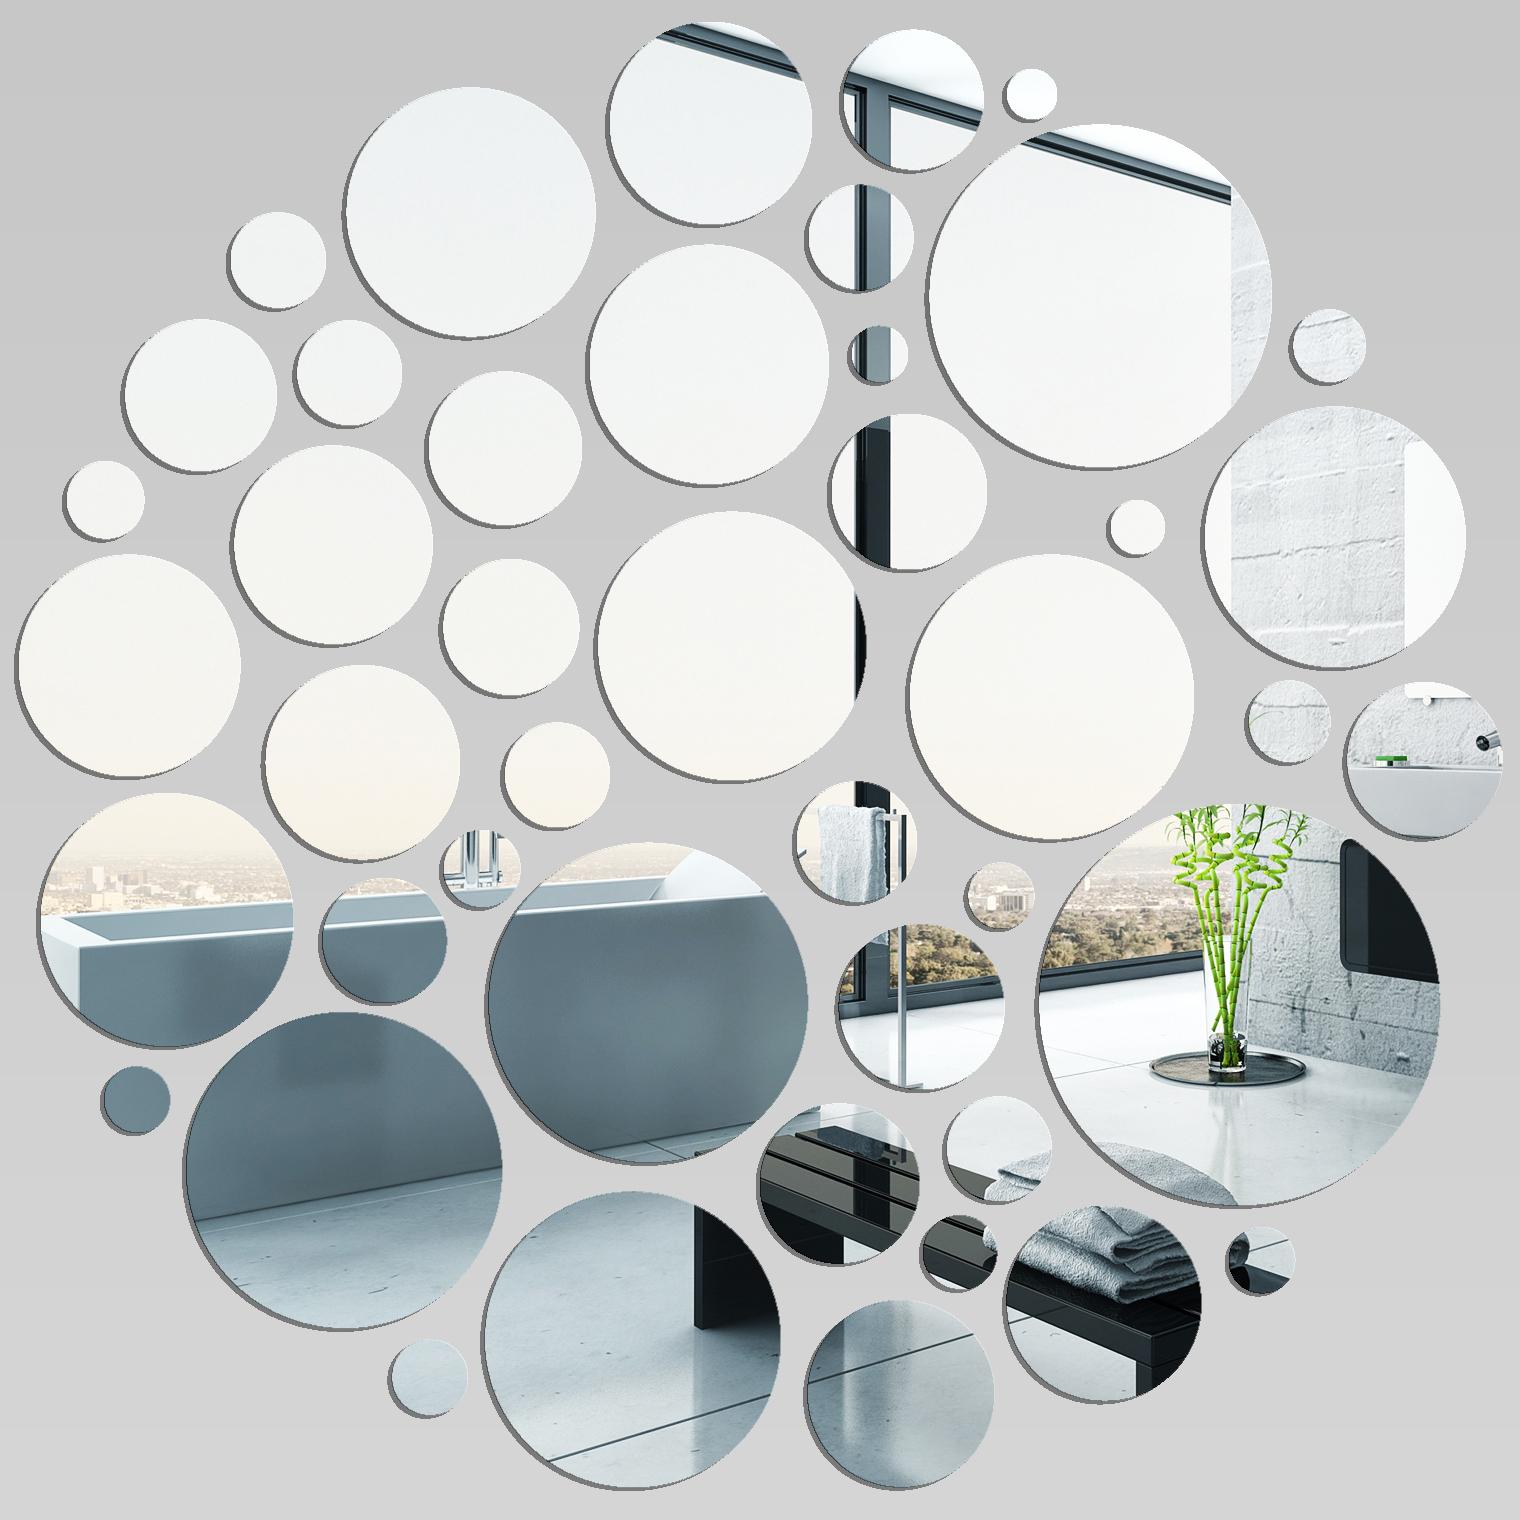 Miroir plexiglass acrylique points en folie pas cher for Miroir acrylique